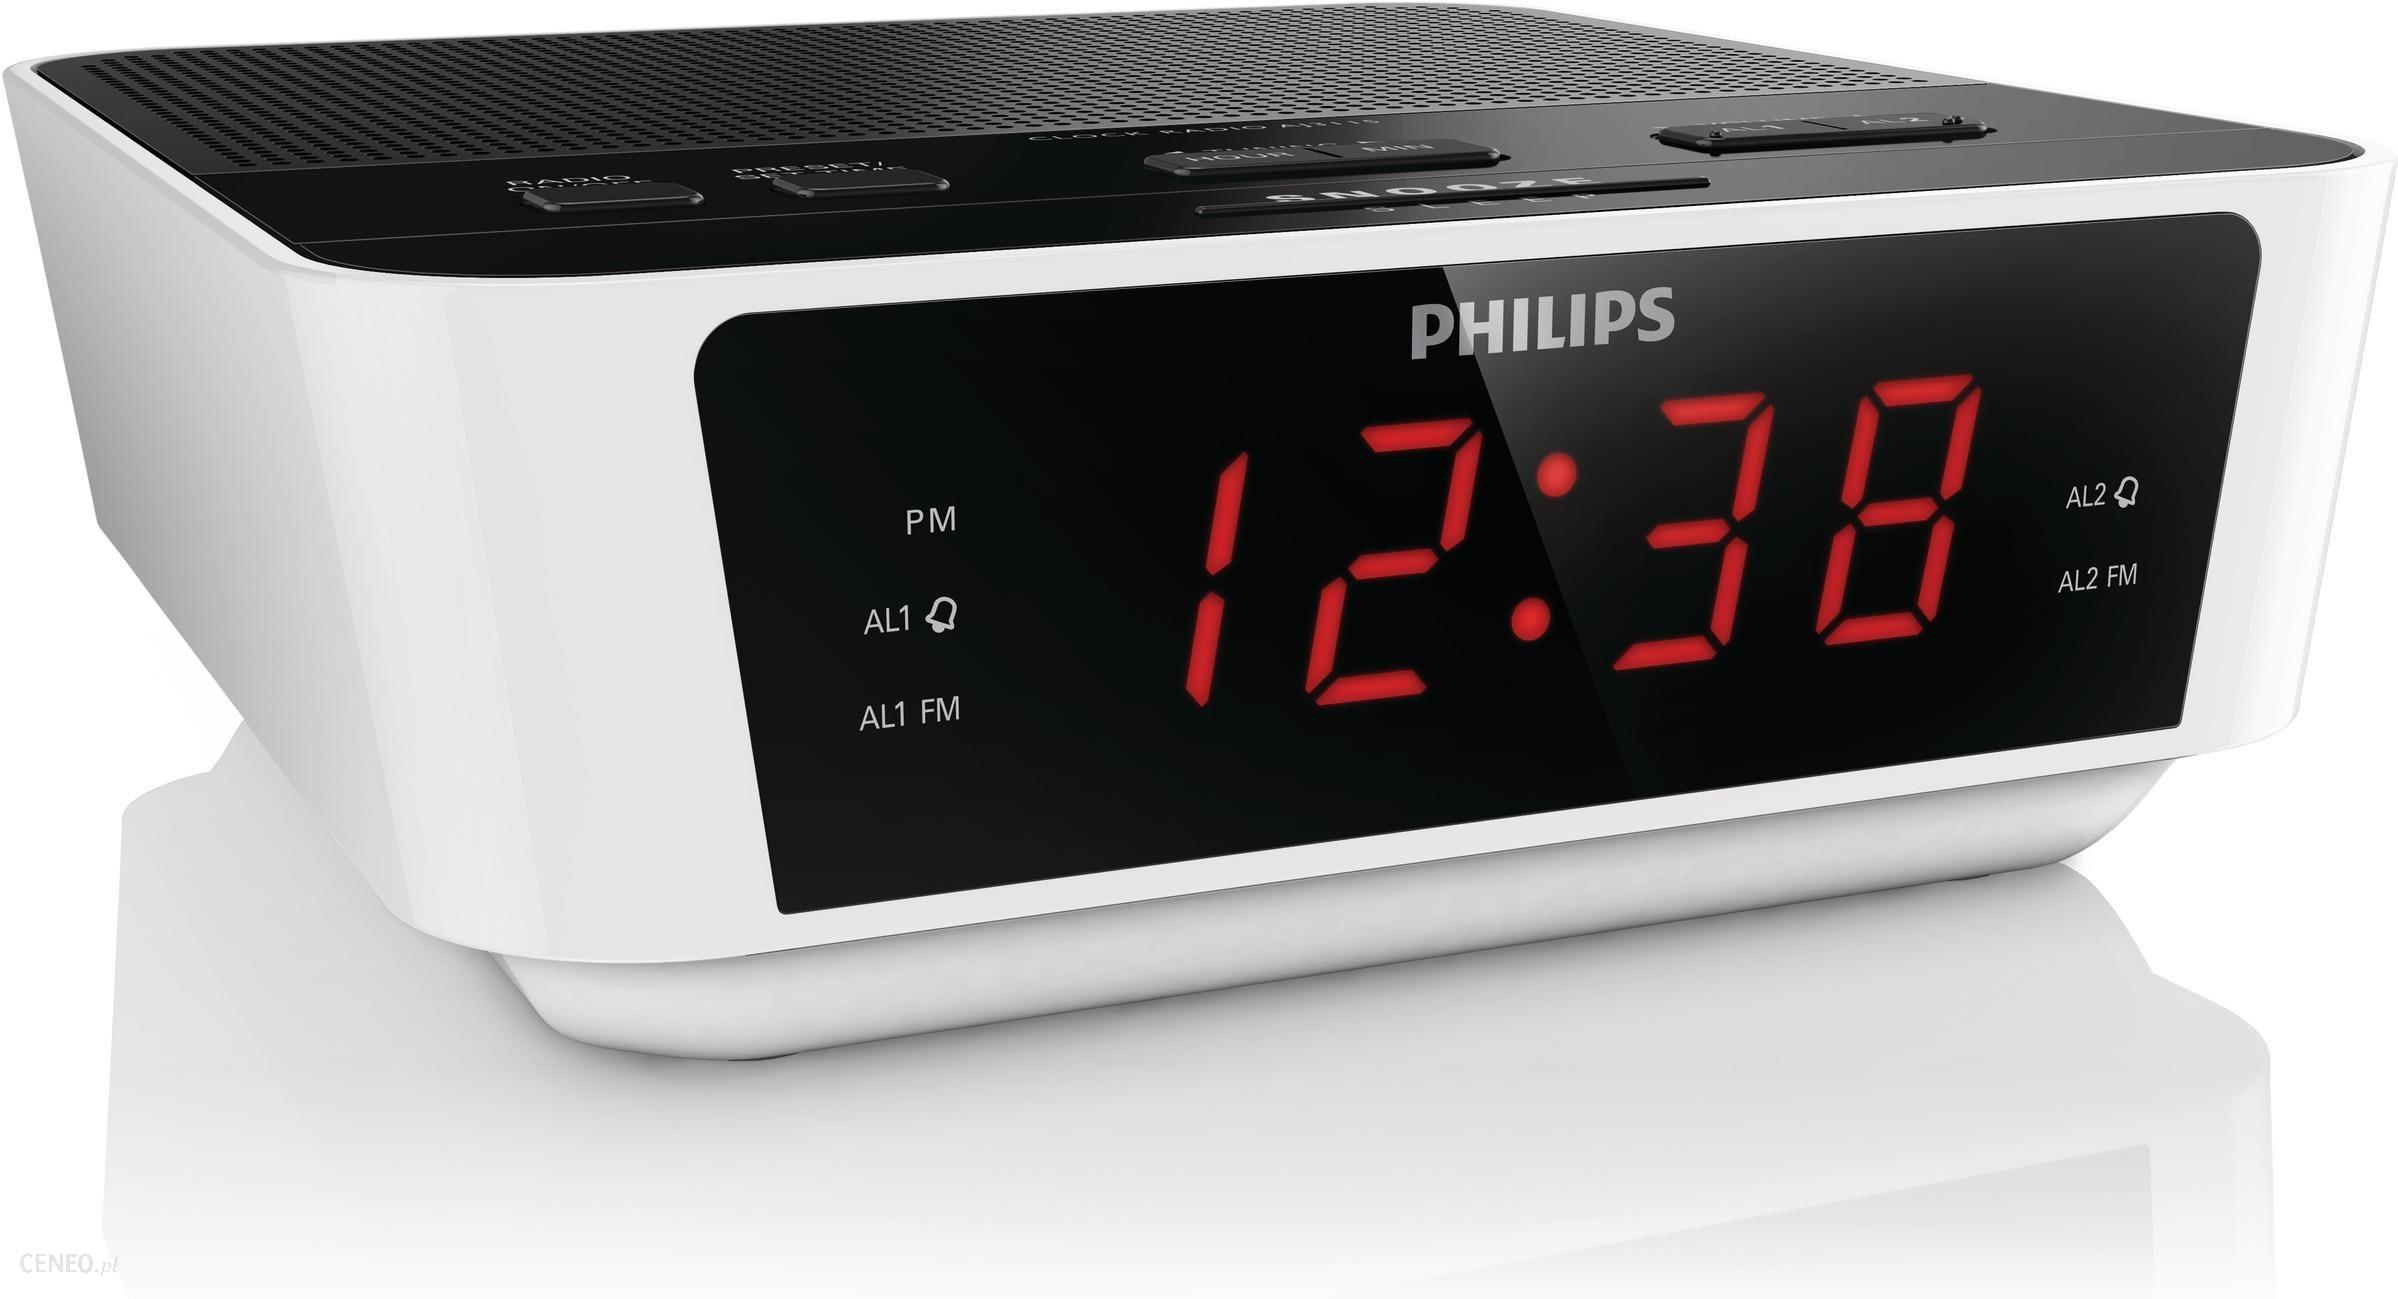 Radiobudzik philips aj3115 12 opinie i ceny na - Ikea chargeur induction ...